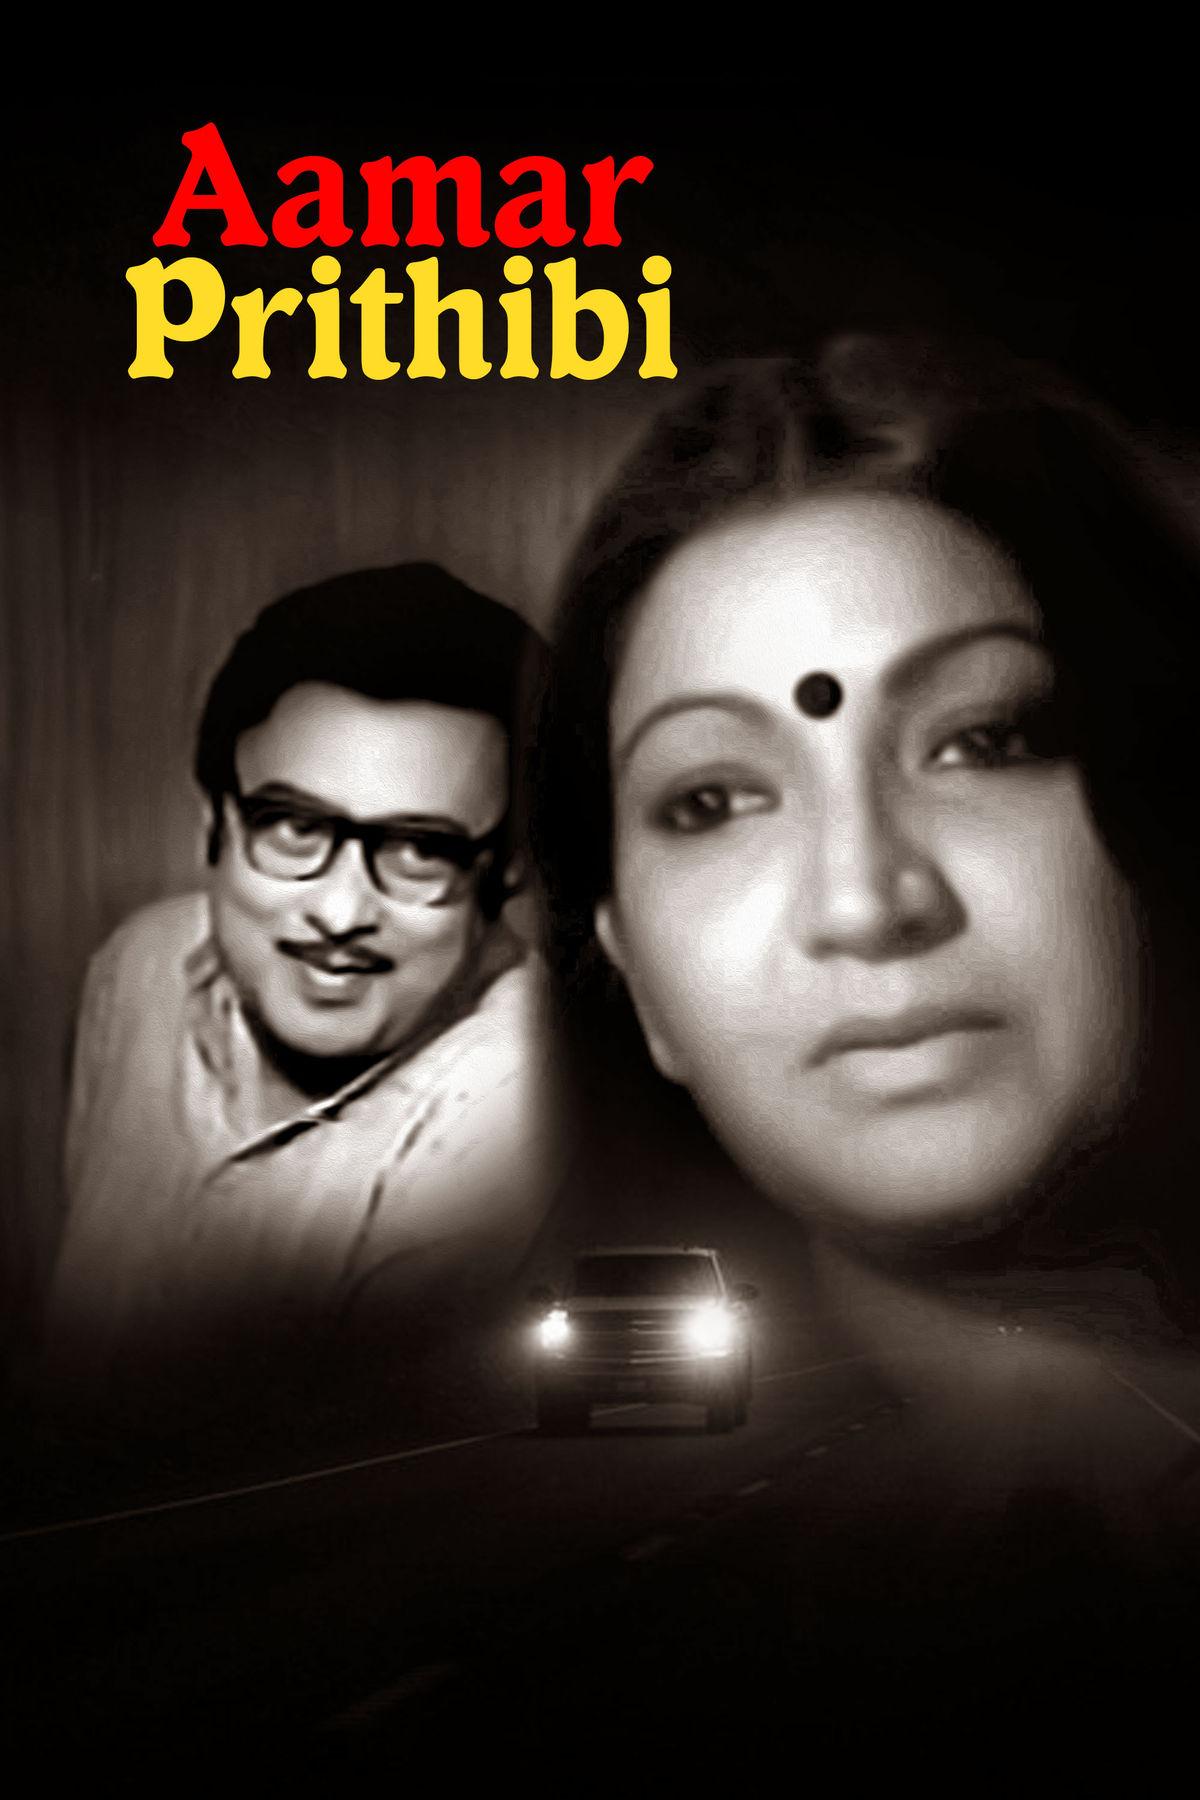 Amar Prithibi